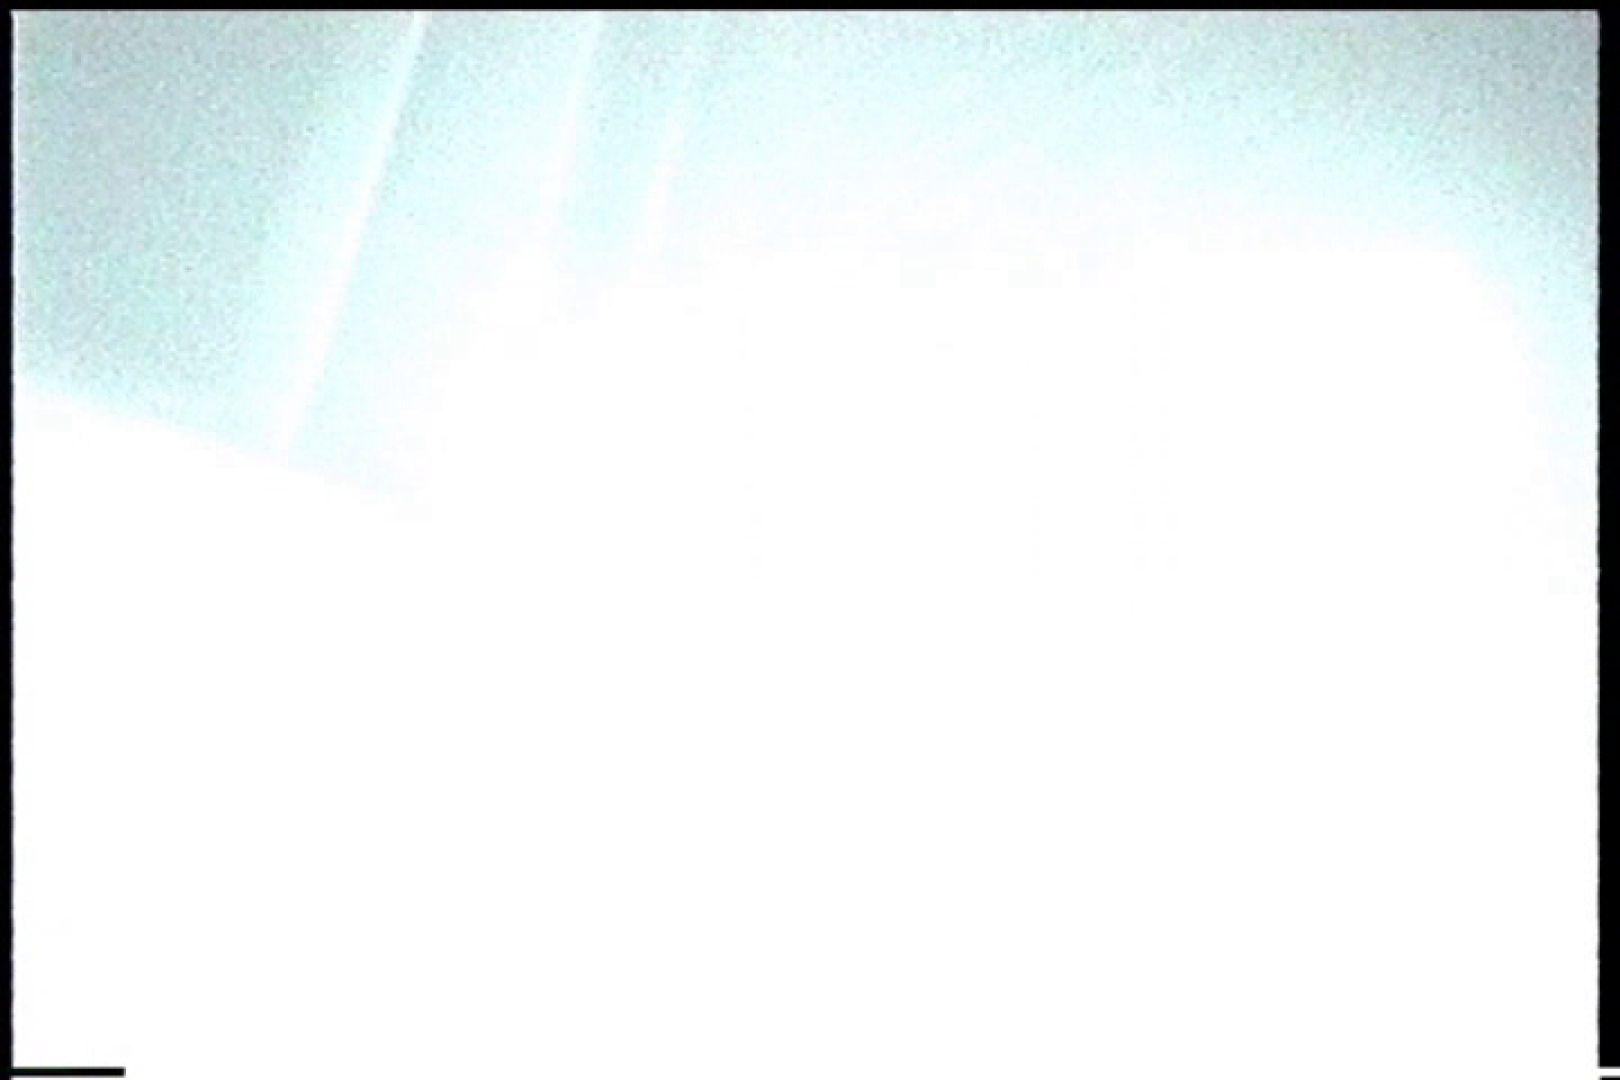 充血監督の深夜の運動会Vol.205 OLセックス | 丸見え  88画像 65